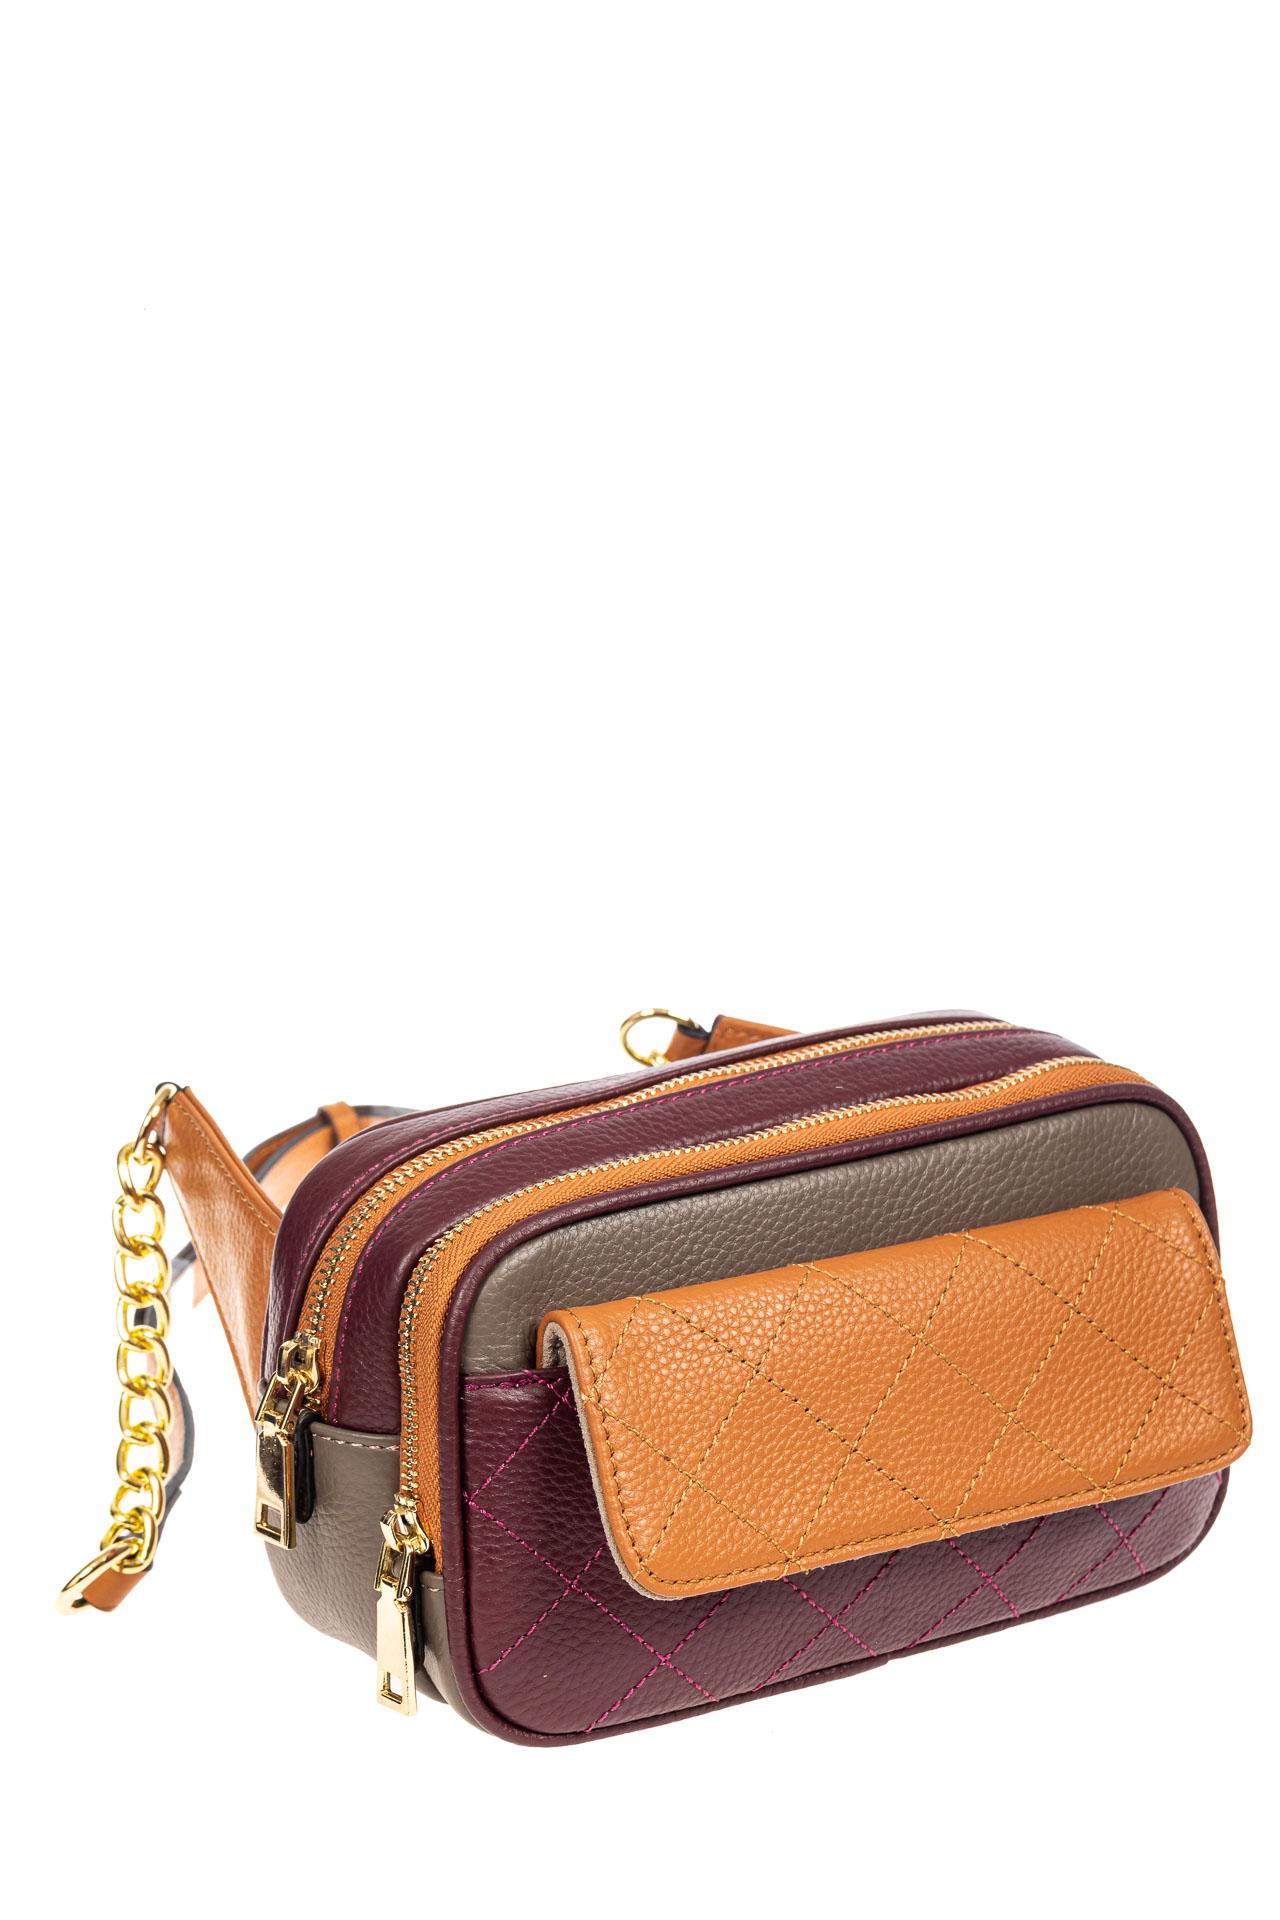 Маленькая кожаная сумка кросс-боди, цвет фиолетовый с рыжимZD8800NK0420/13